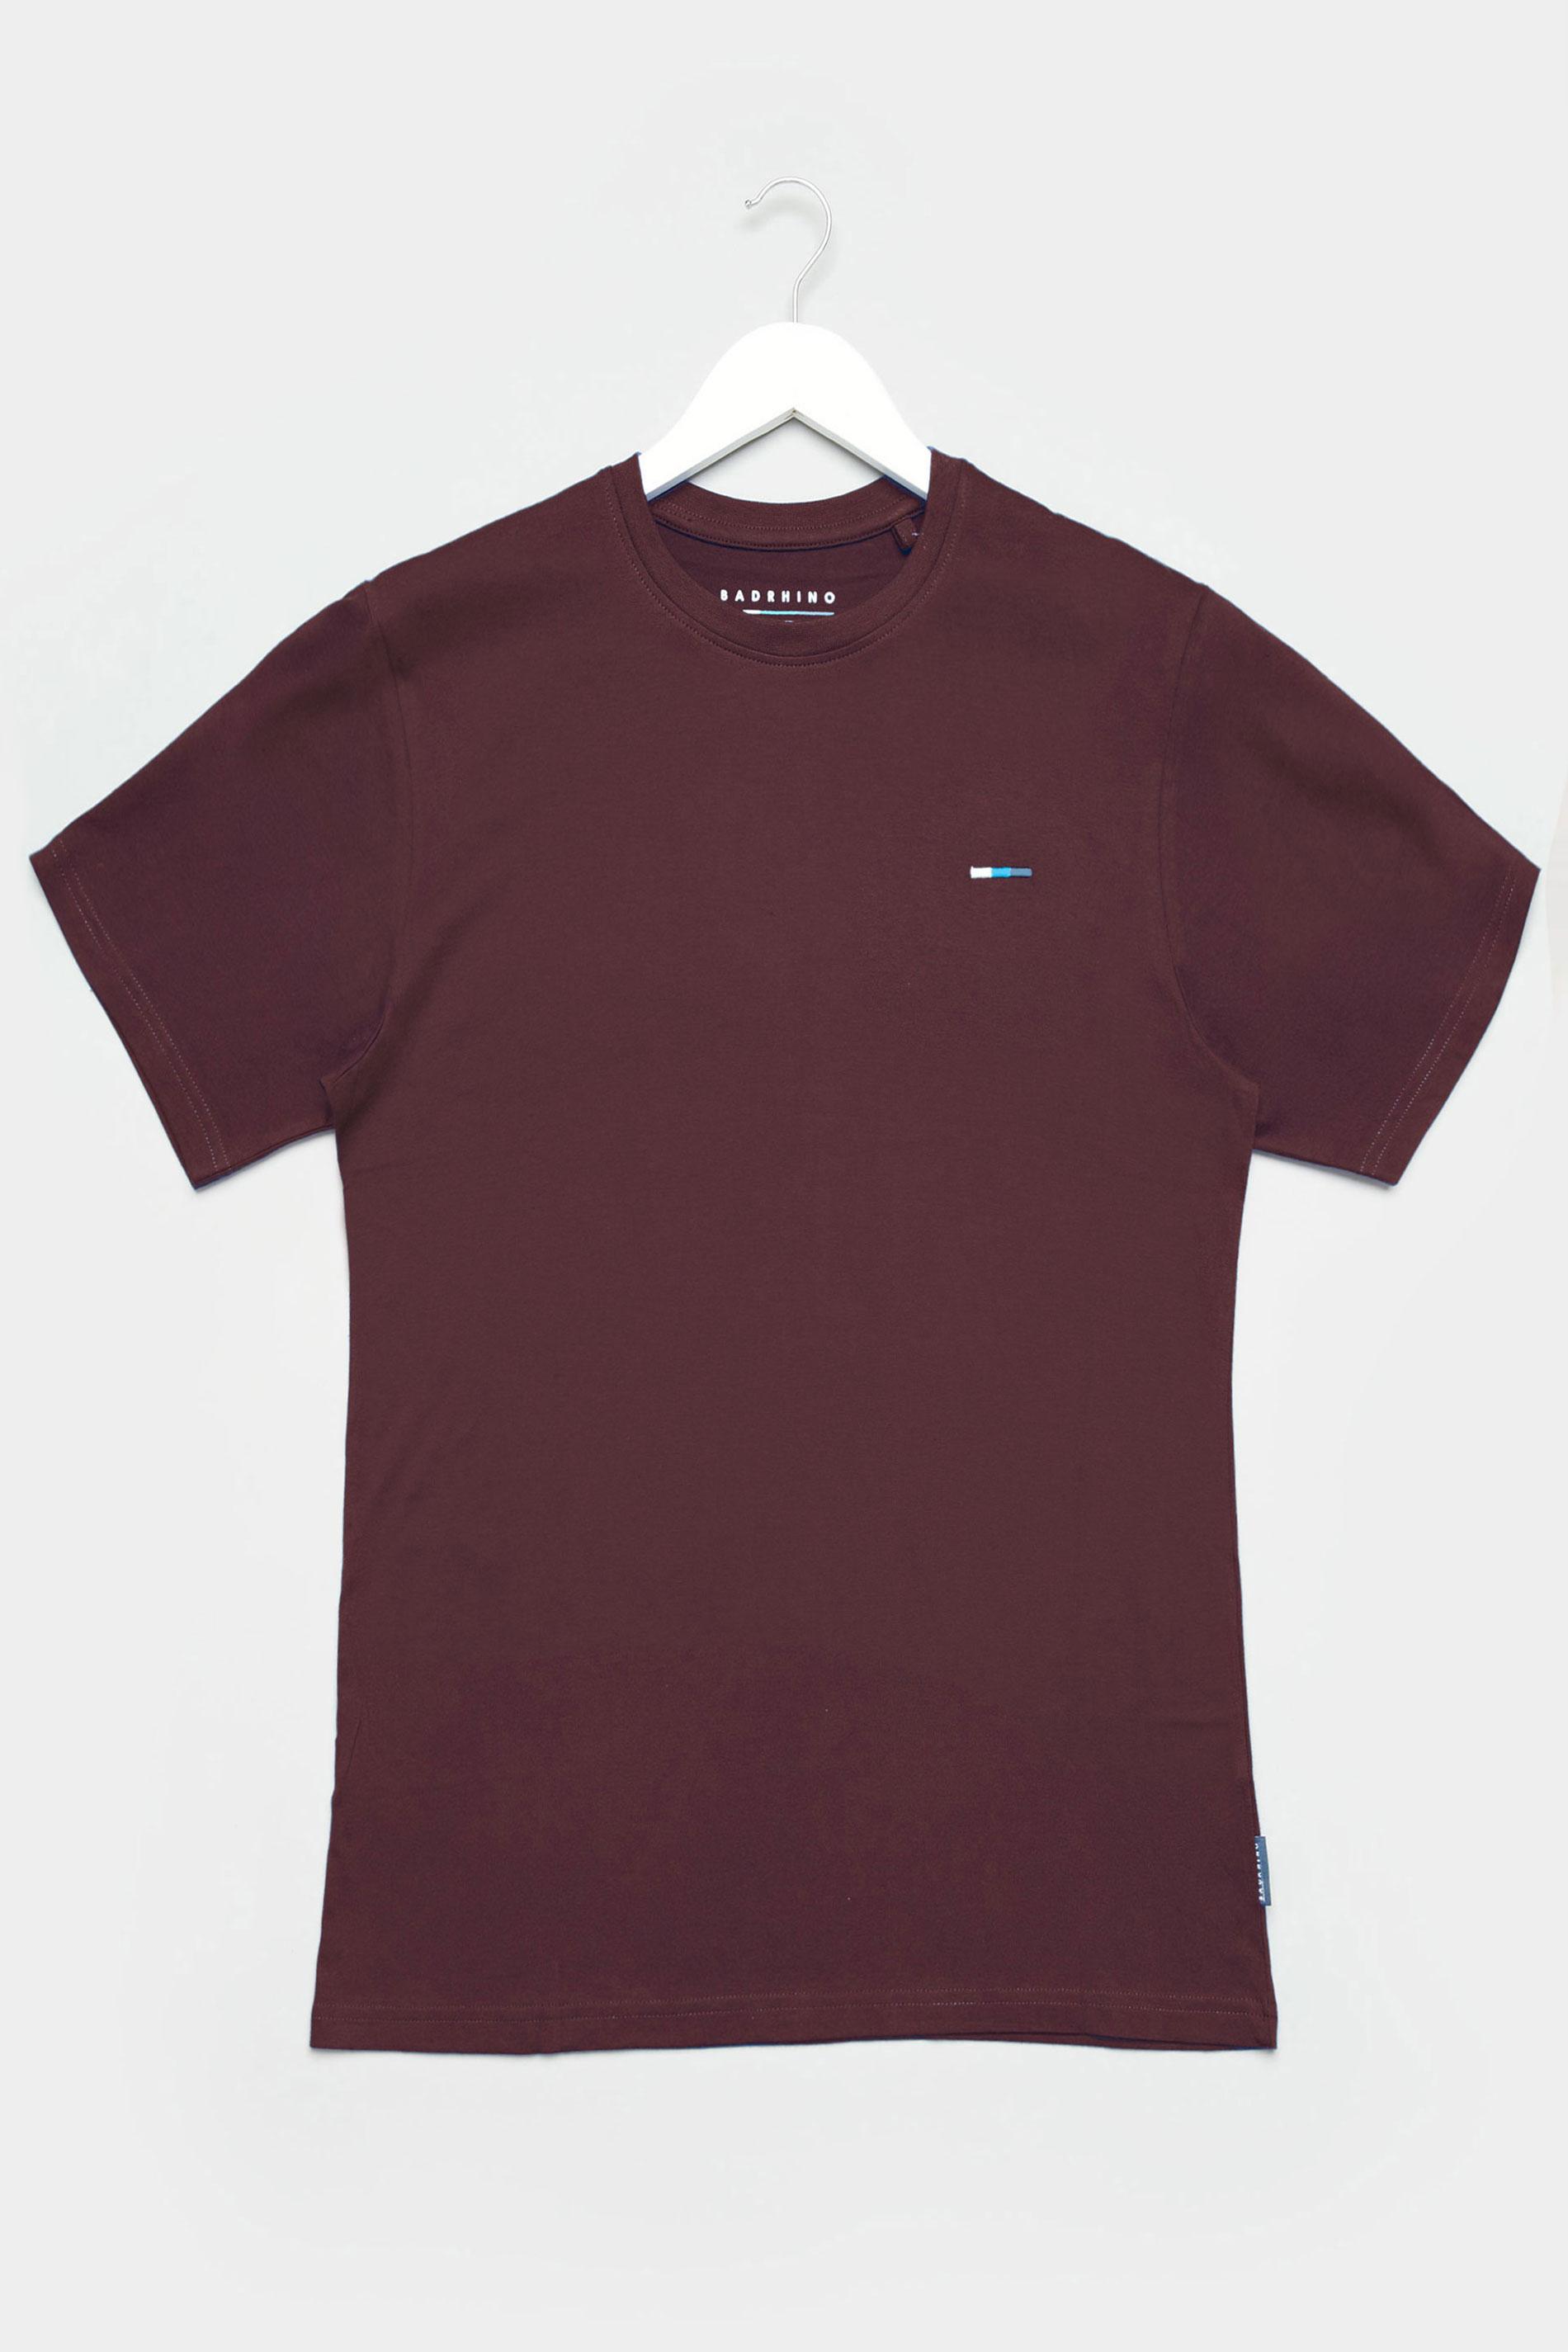 BadRhino Burgundy Plain T-Shirt